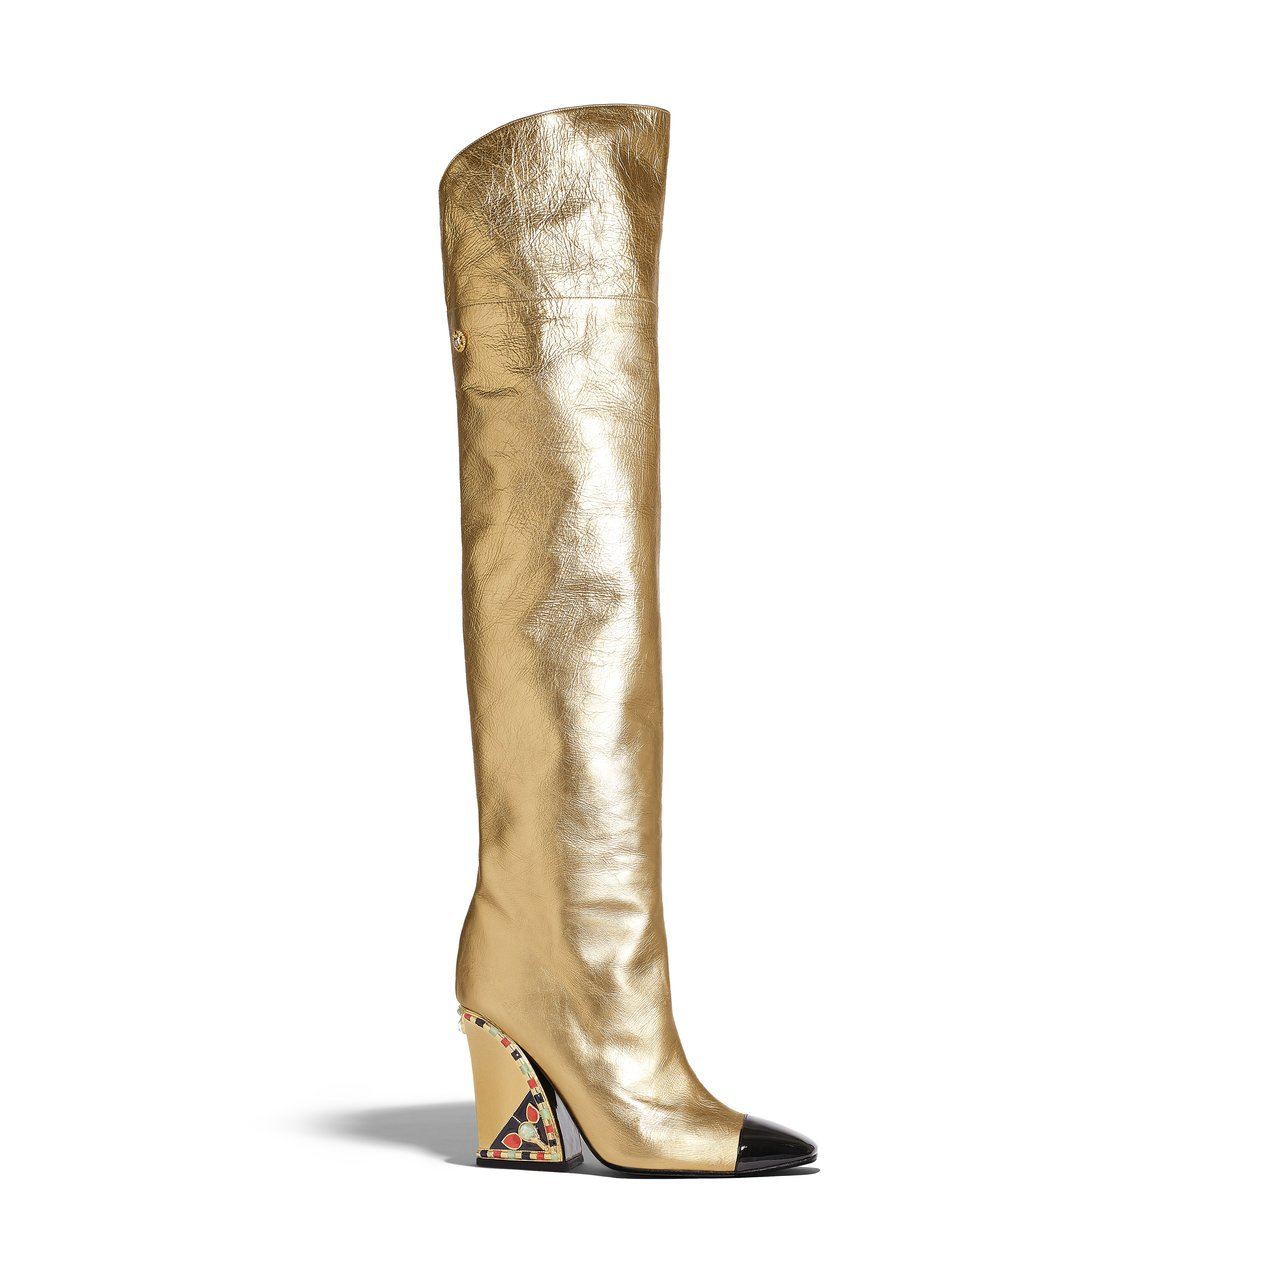 金色皮革綠橘色鑲飾鞋跟及膝靴,18萬3,800元。圖/香奈兒提供